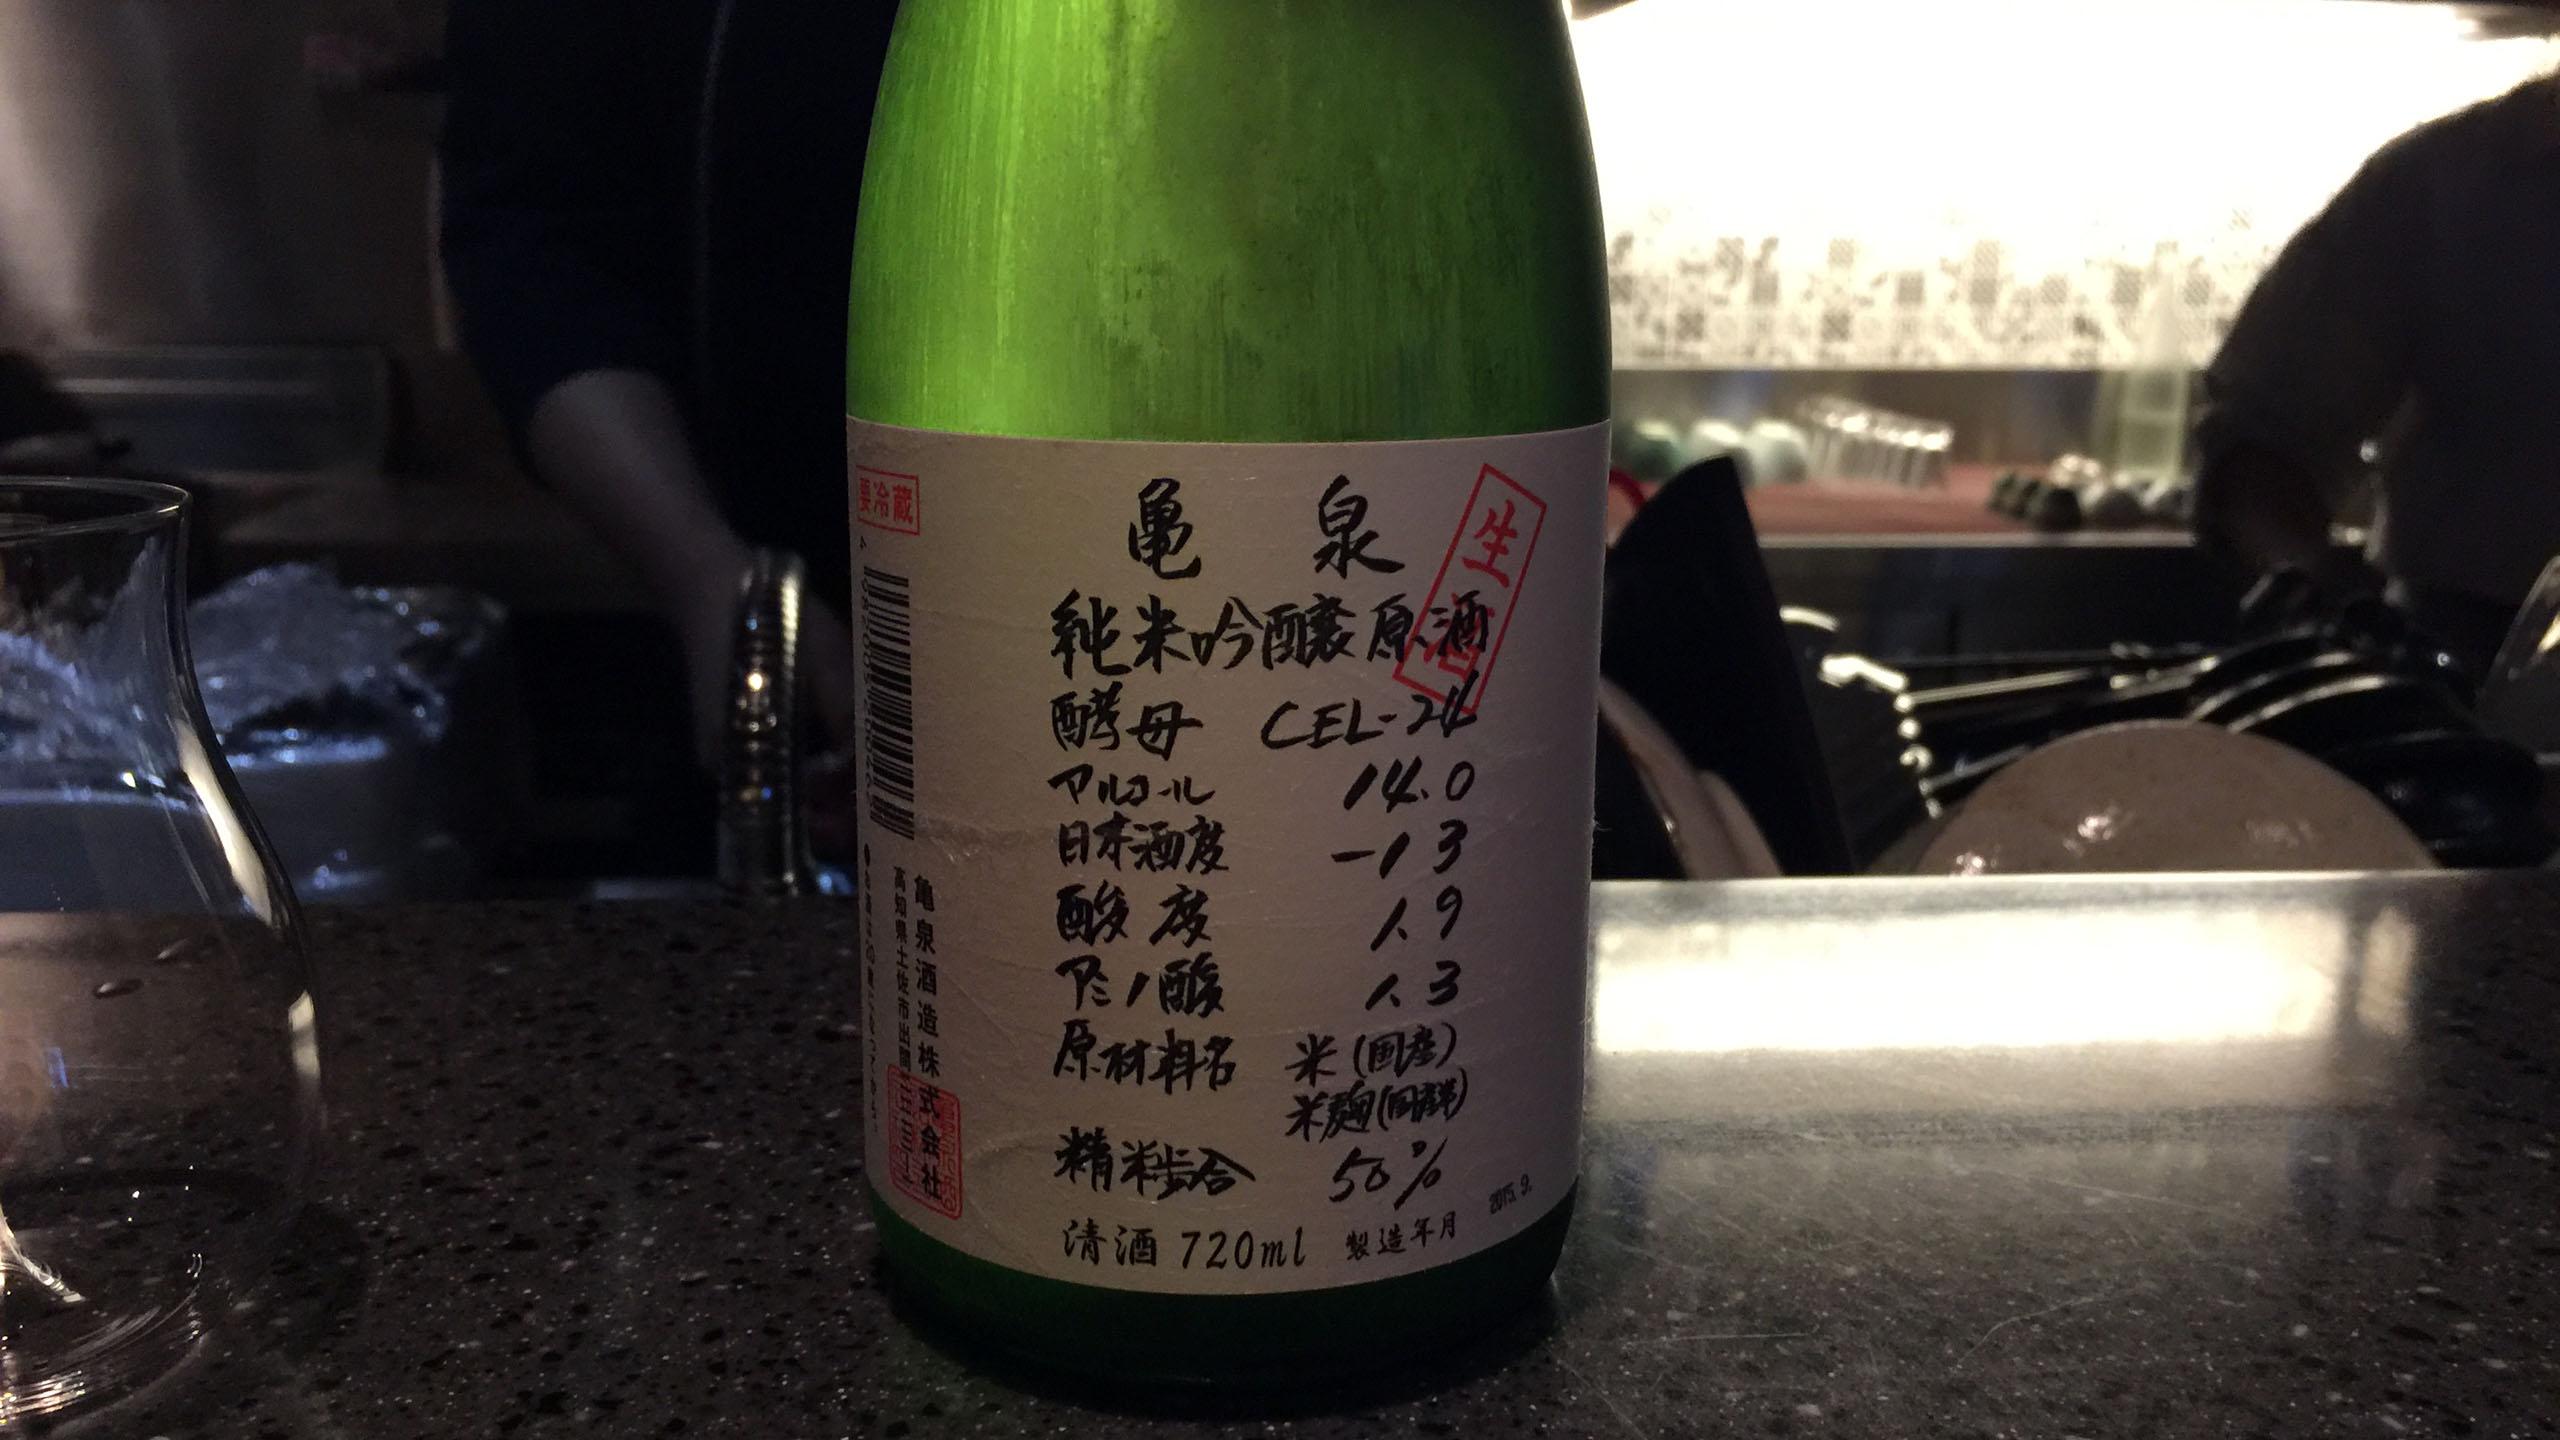 카메이즈미 쥰마이긴죠 CEL-24 무로카 나마겐슈